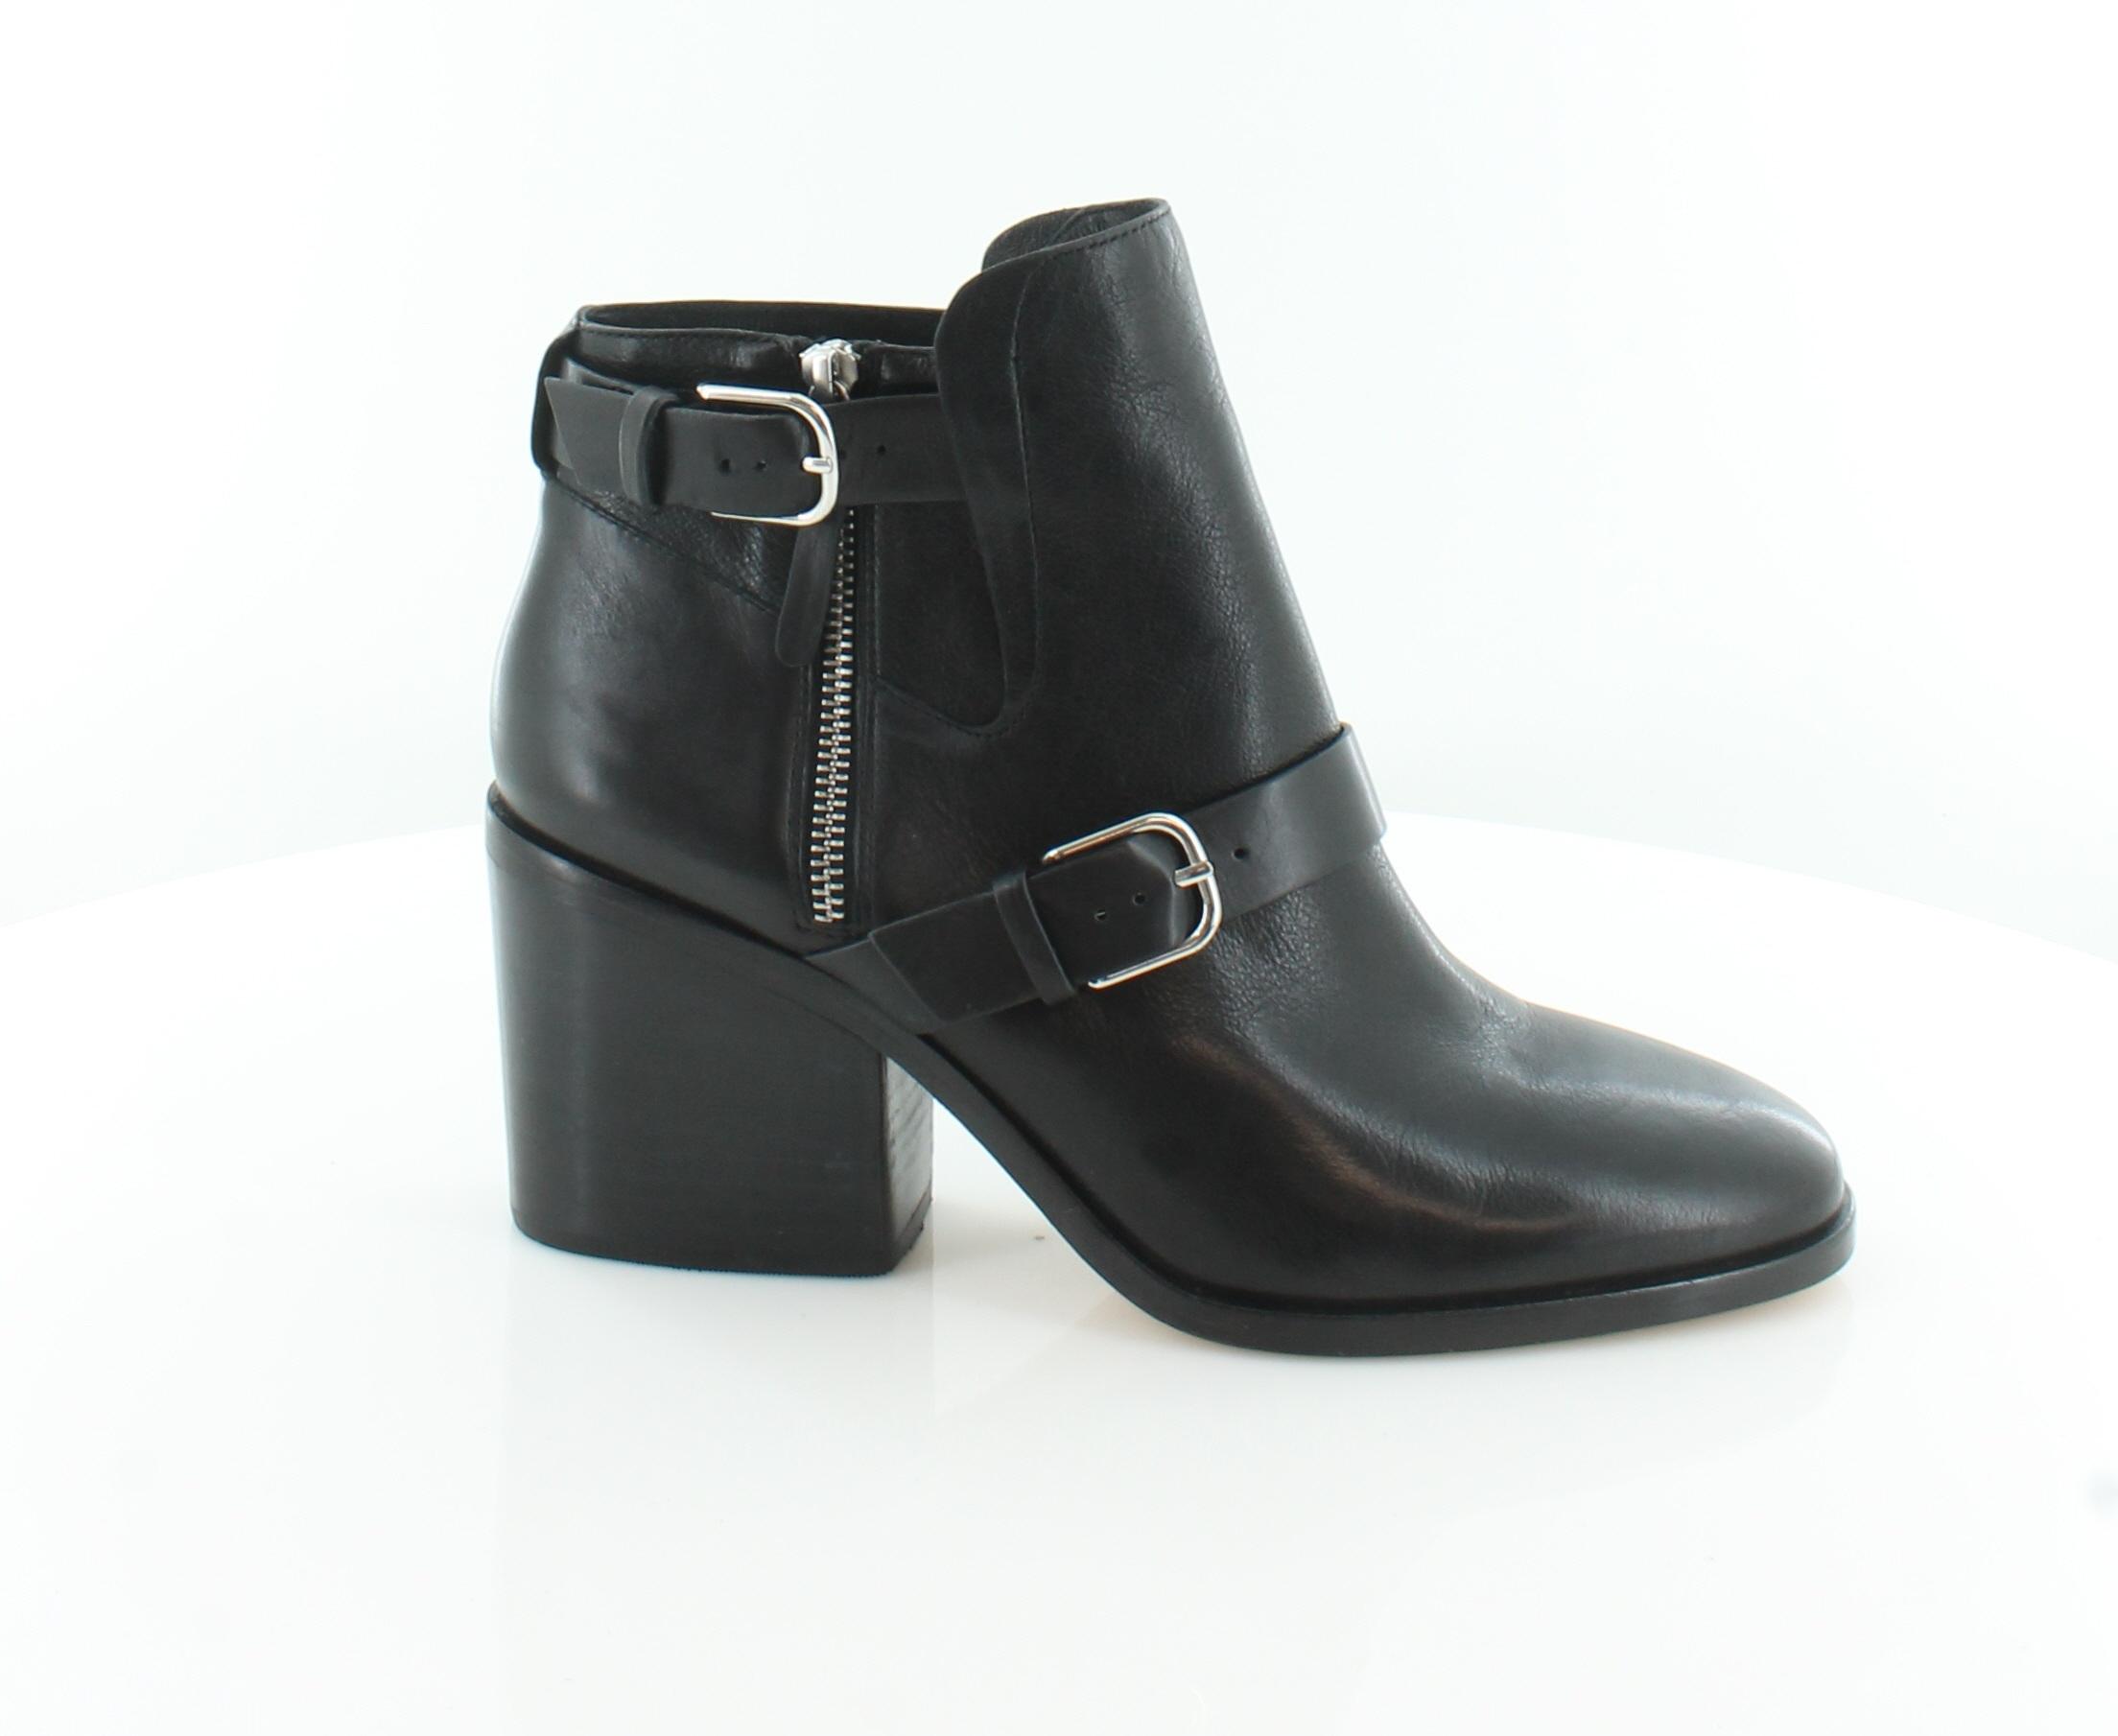 Pour La Victoire Wilson nero donna scarpe Dimensione 5.5 M stivali MSRP  375